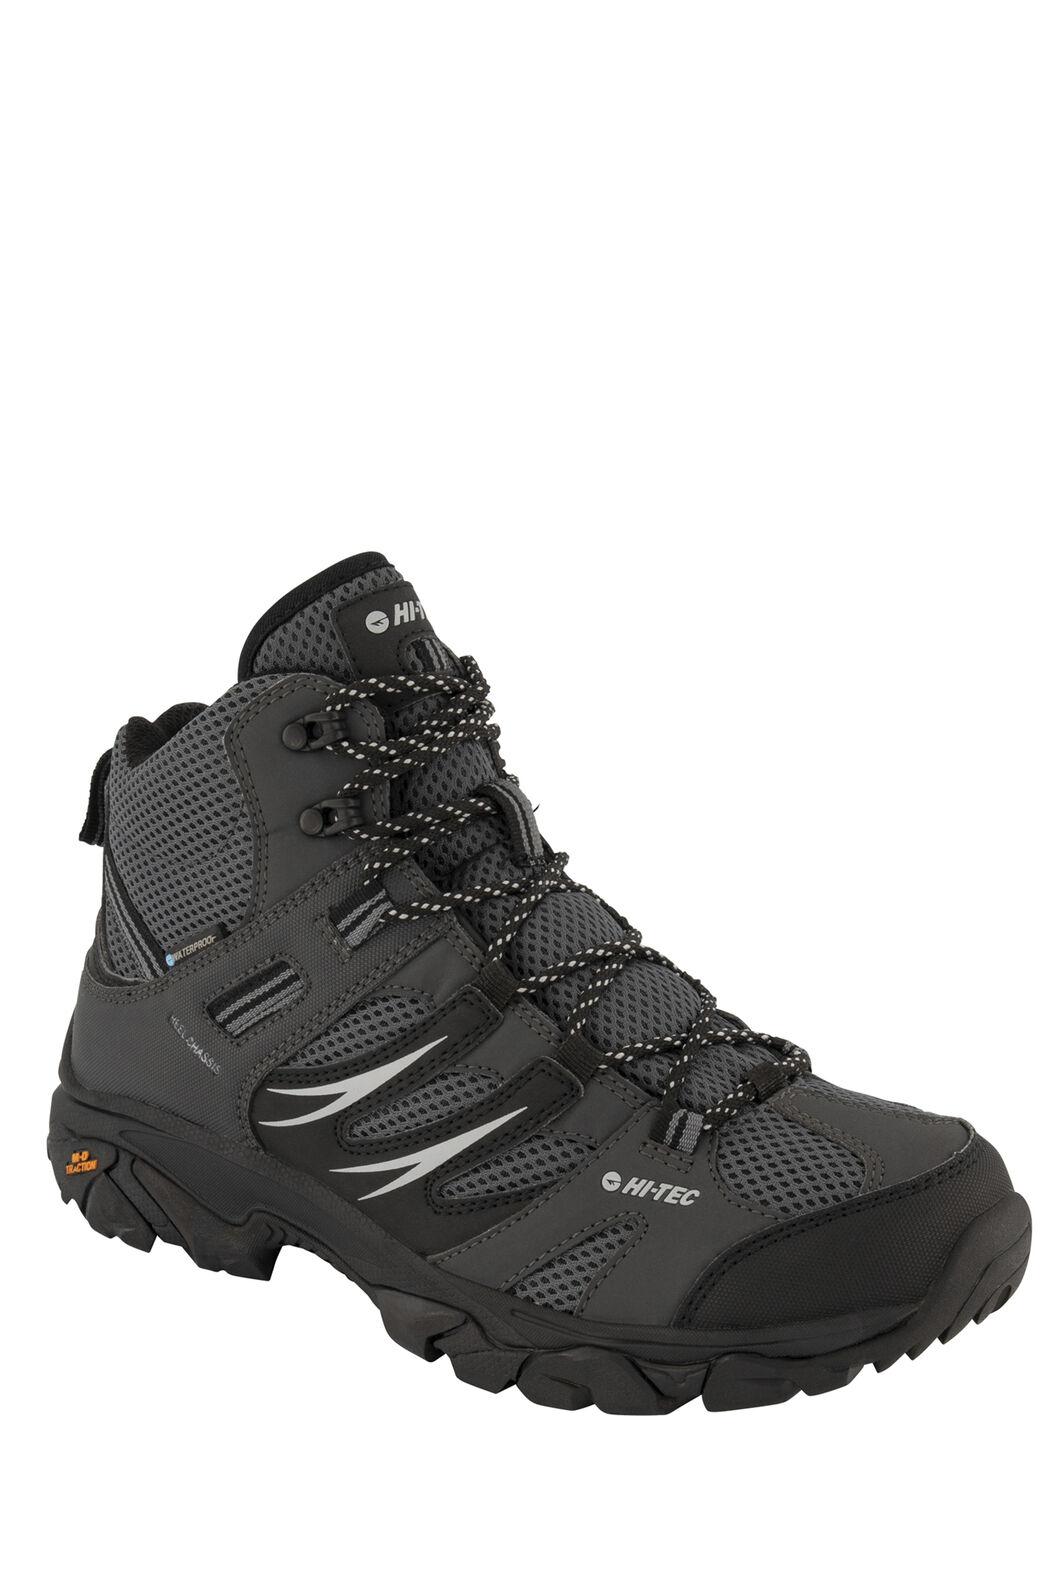 Hi-Tec Men's Tarantula Mid WP Hiking Shoes, Charcoal/Black Steel Grey, hi-res